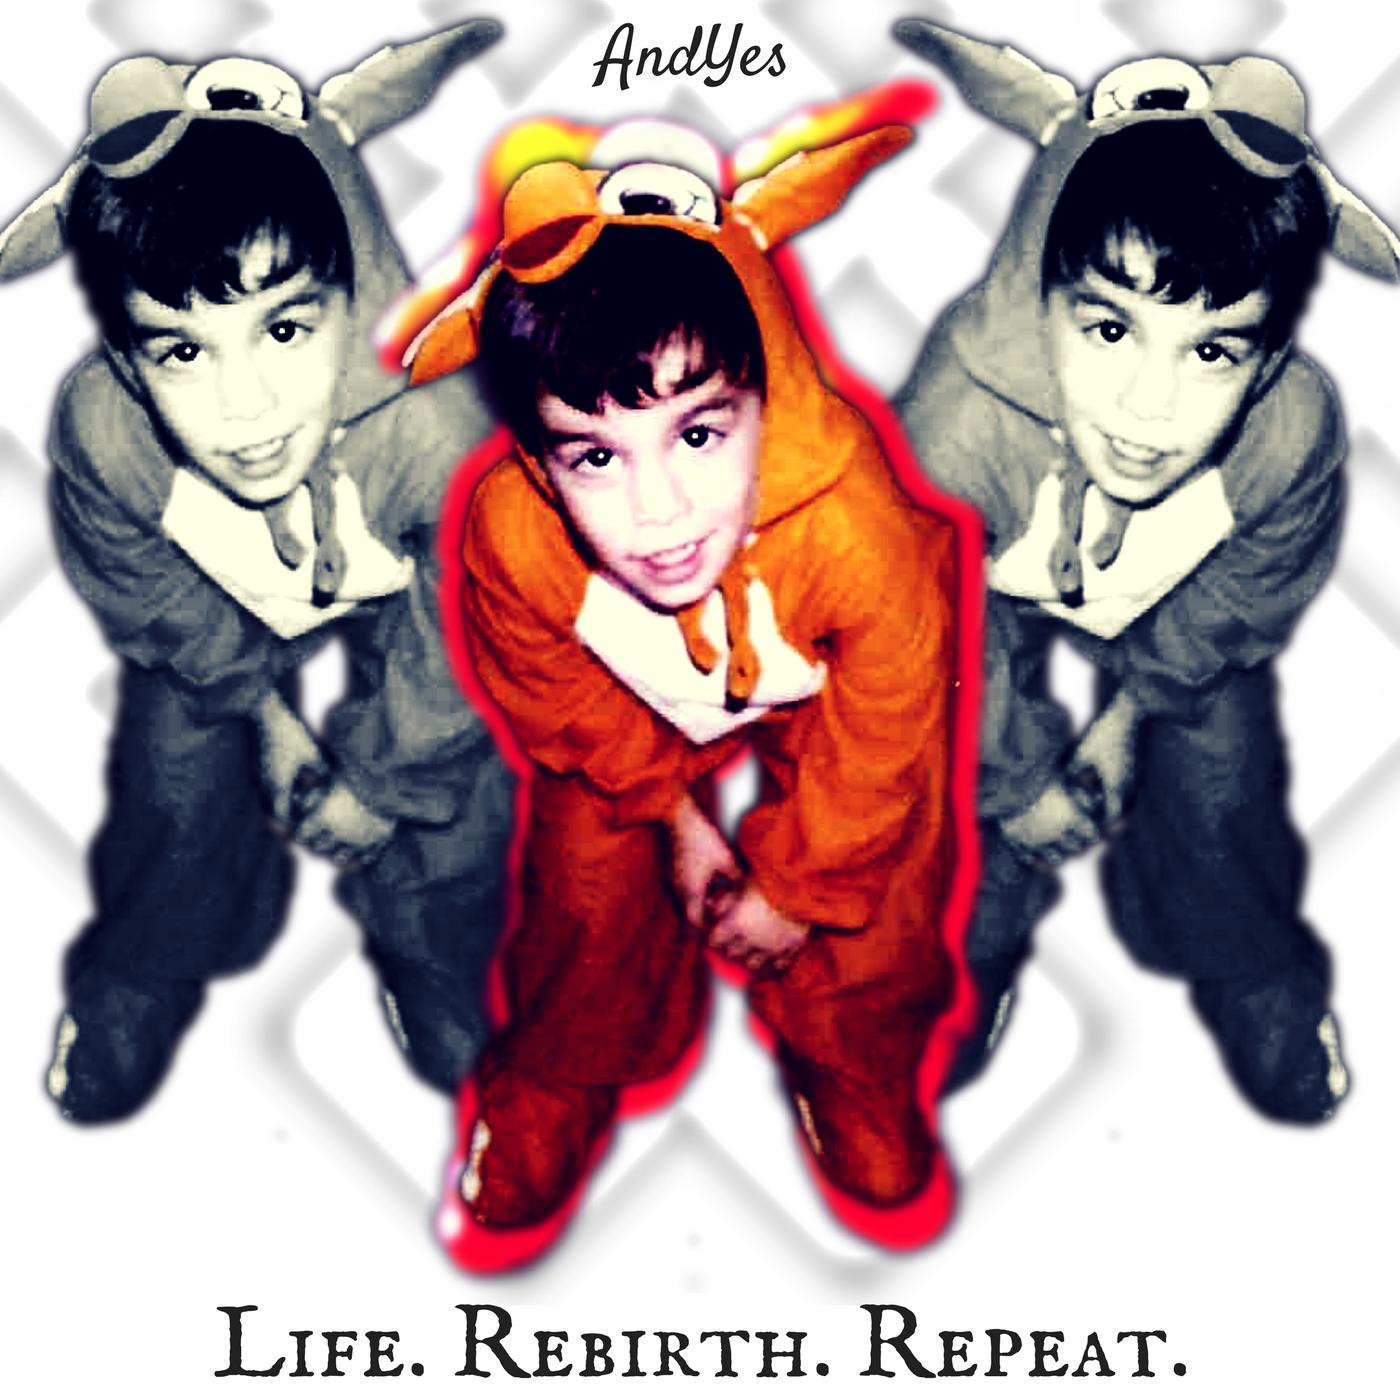 Life Rebirth Repeat (8).png